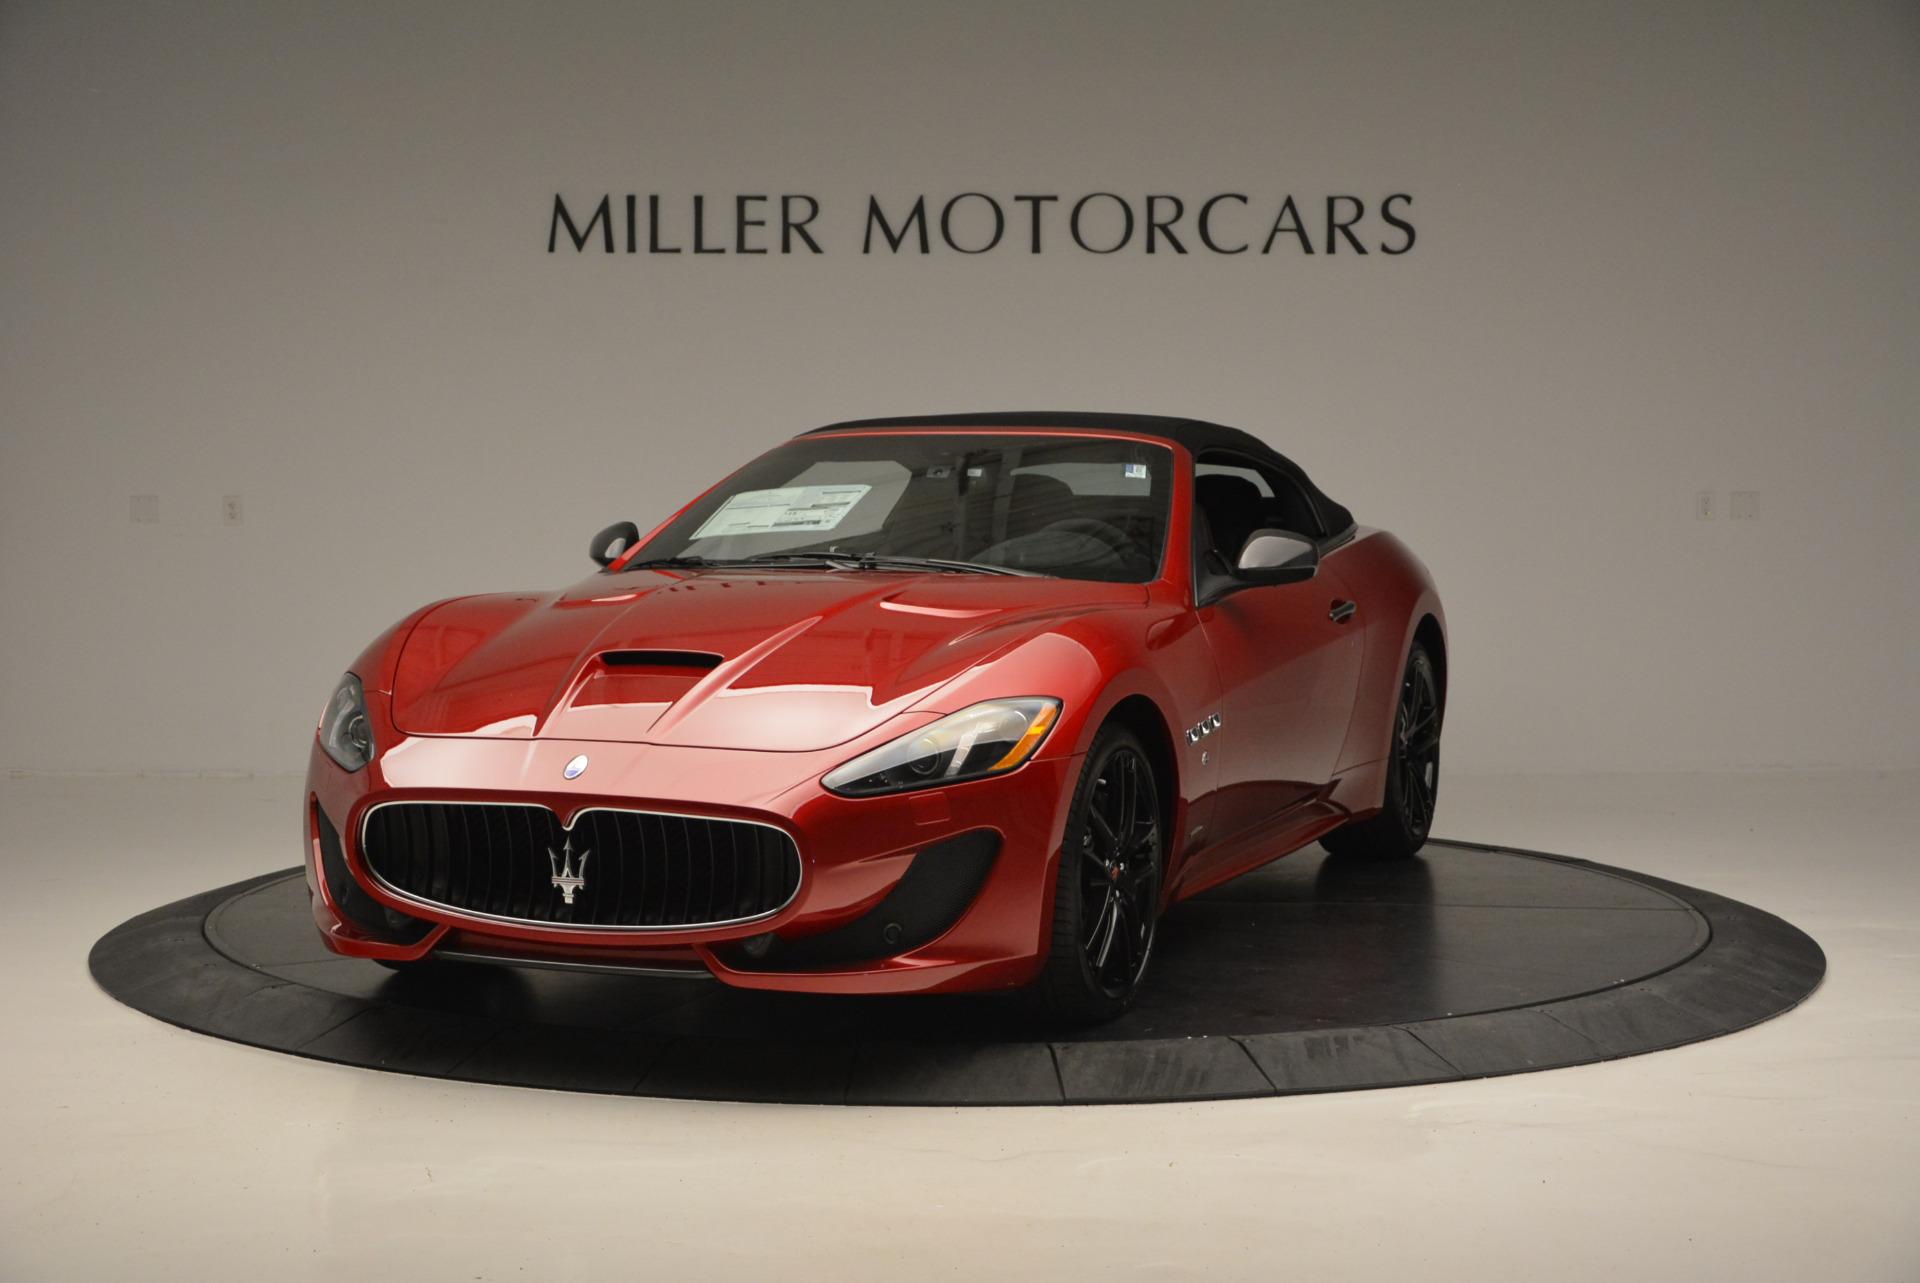 New 2017 Maserati GranTurismo Sport Special Edition For Sale In Greenwich, CT 666_p2